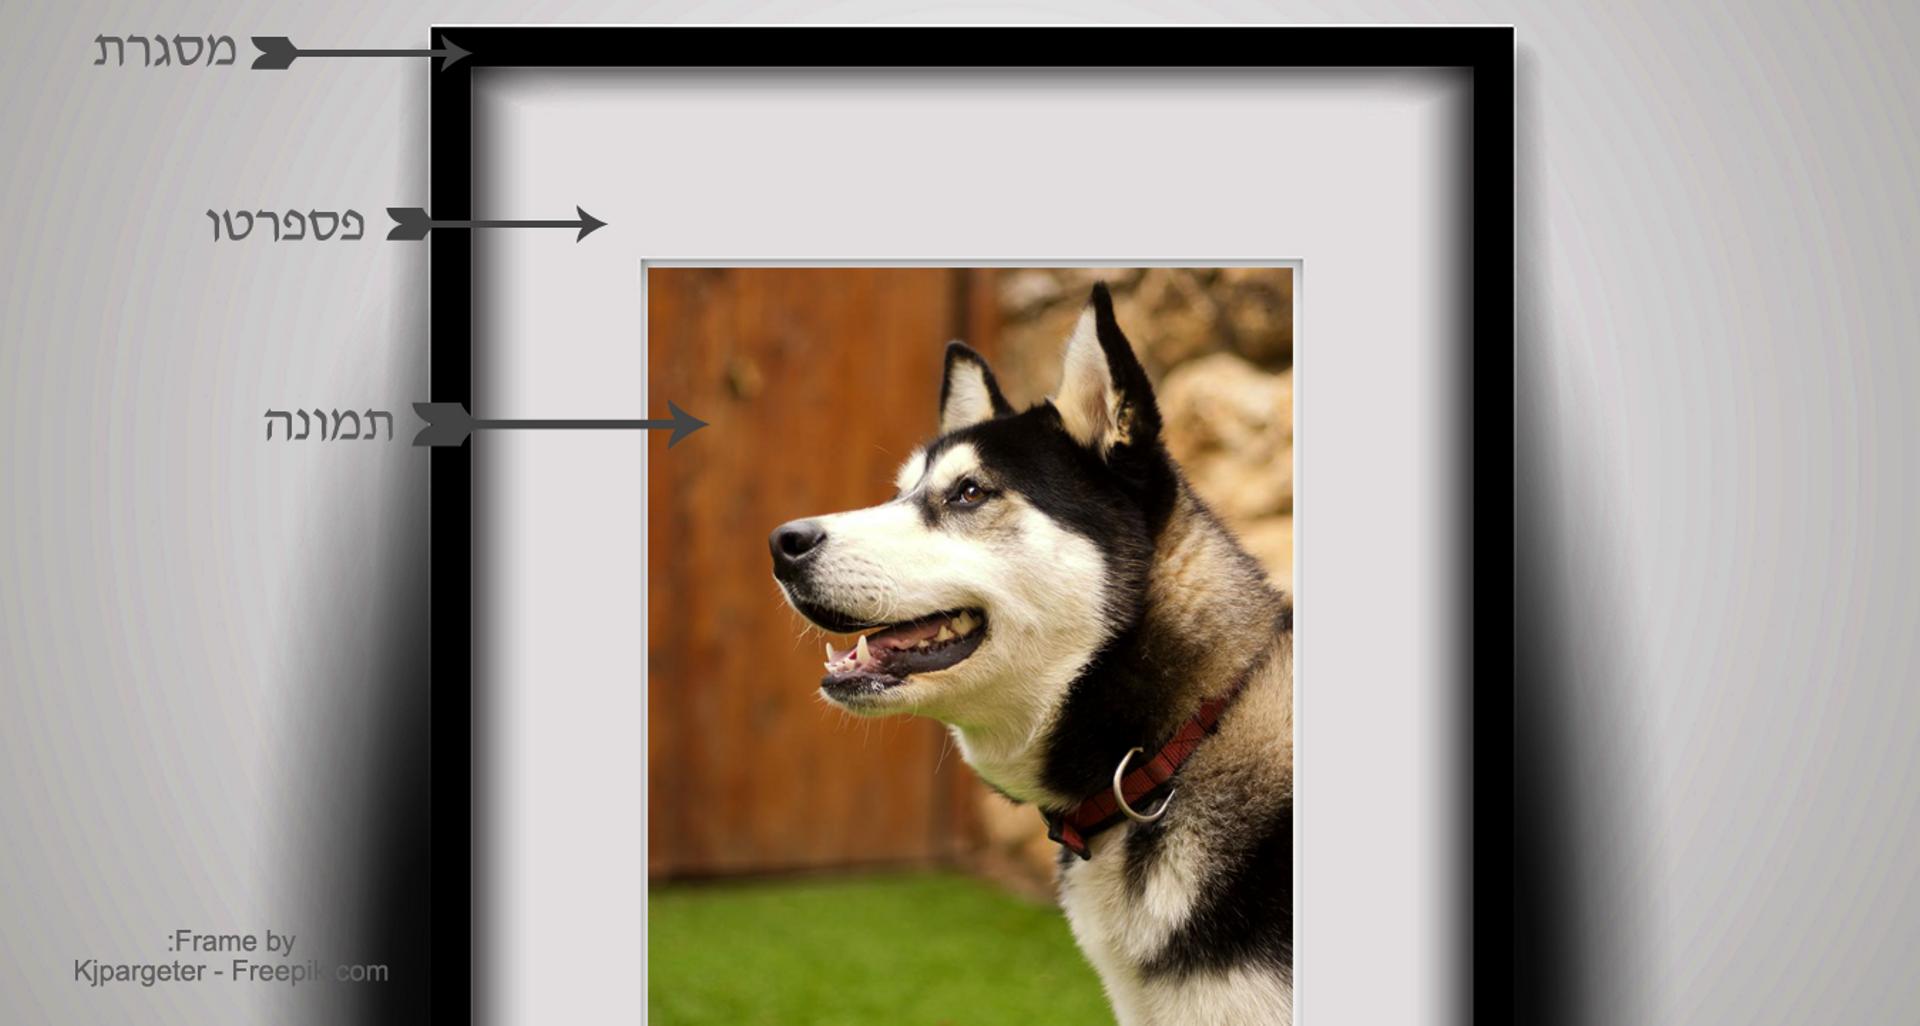 =מסגרת תמונה איכותית דגם FR9305, כולל הדפסת תמונה.